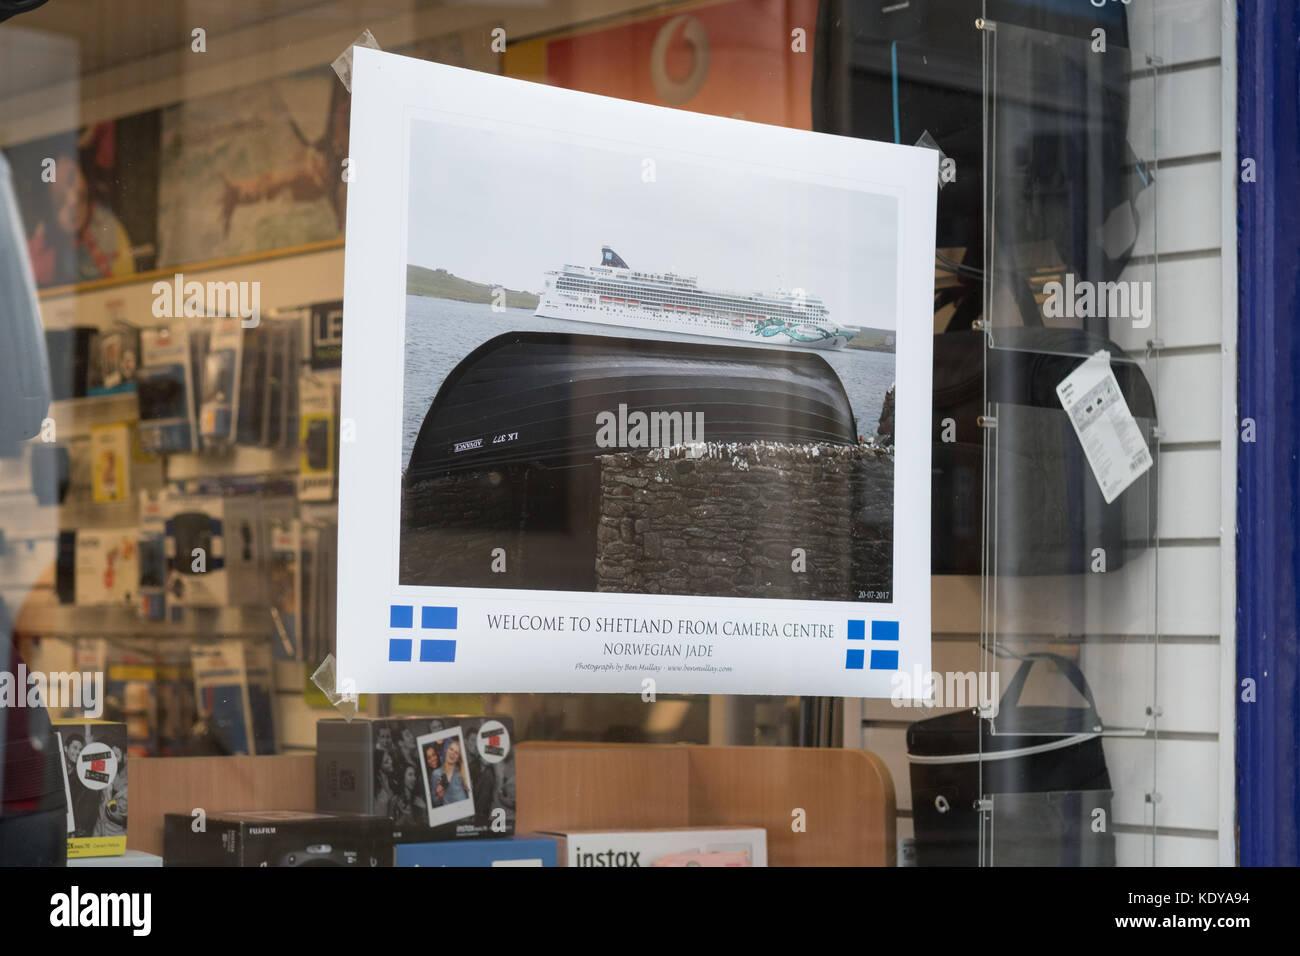 Tourisme lerwick - shop accueillant les touristes de croisière à Lerwick, Shetland, Shetland, Scotland, Photo Stock